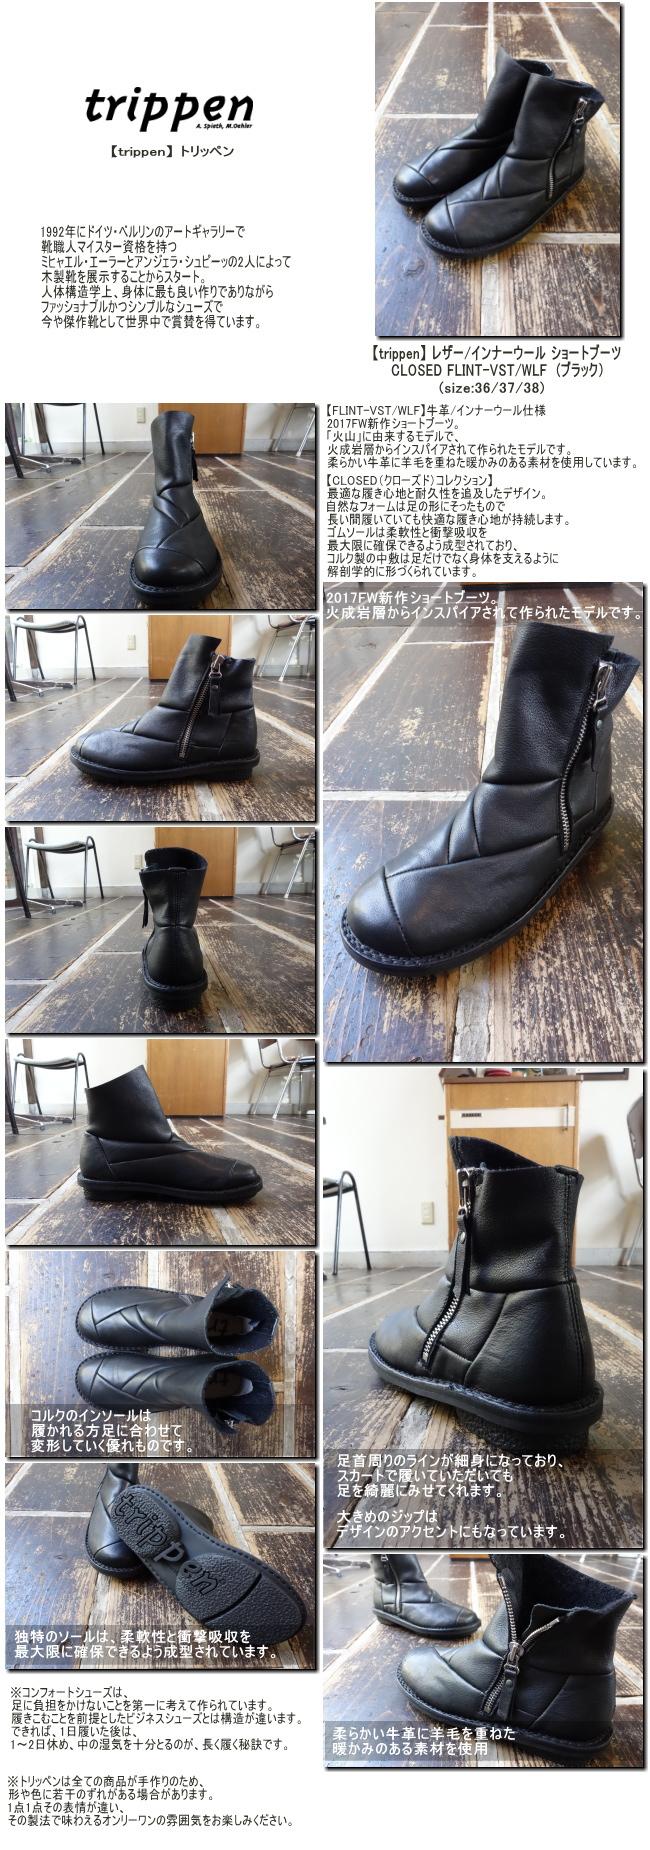 【trippen】 レザー/インナーウール ショートブーツ CLOSED FLINT-VST/WLF (ブラック)